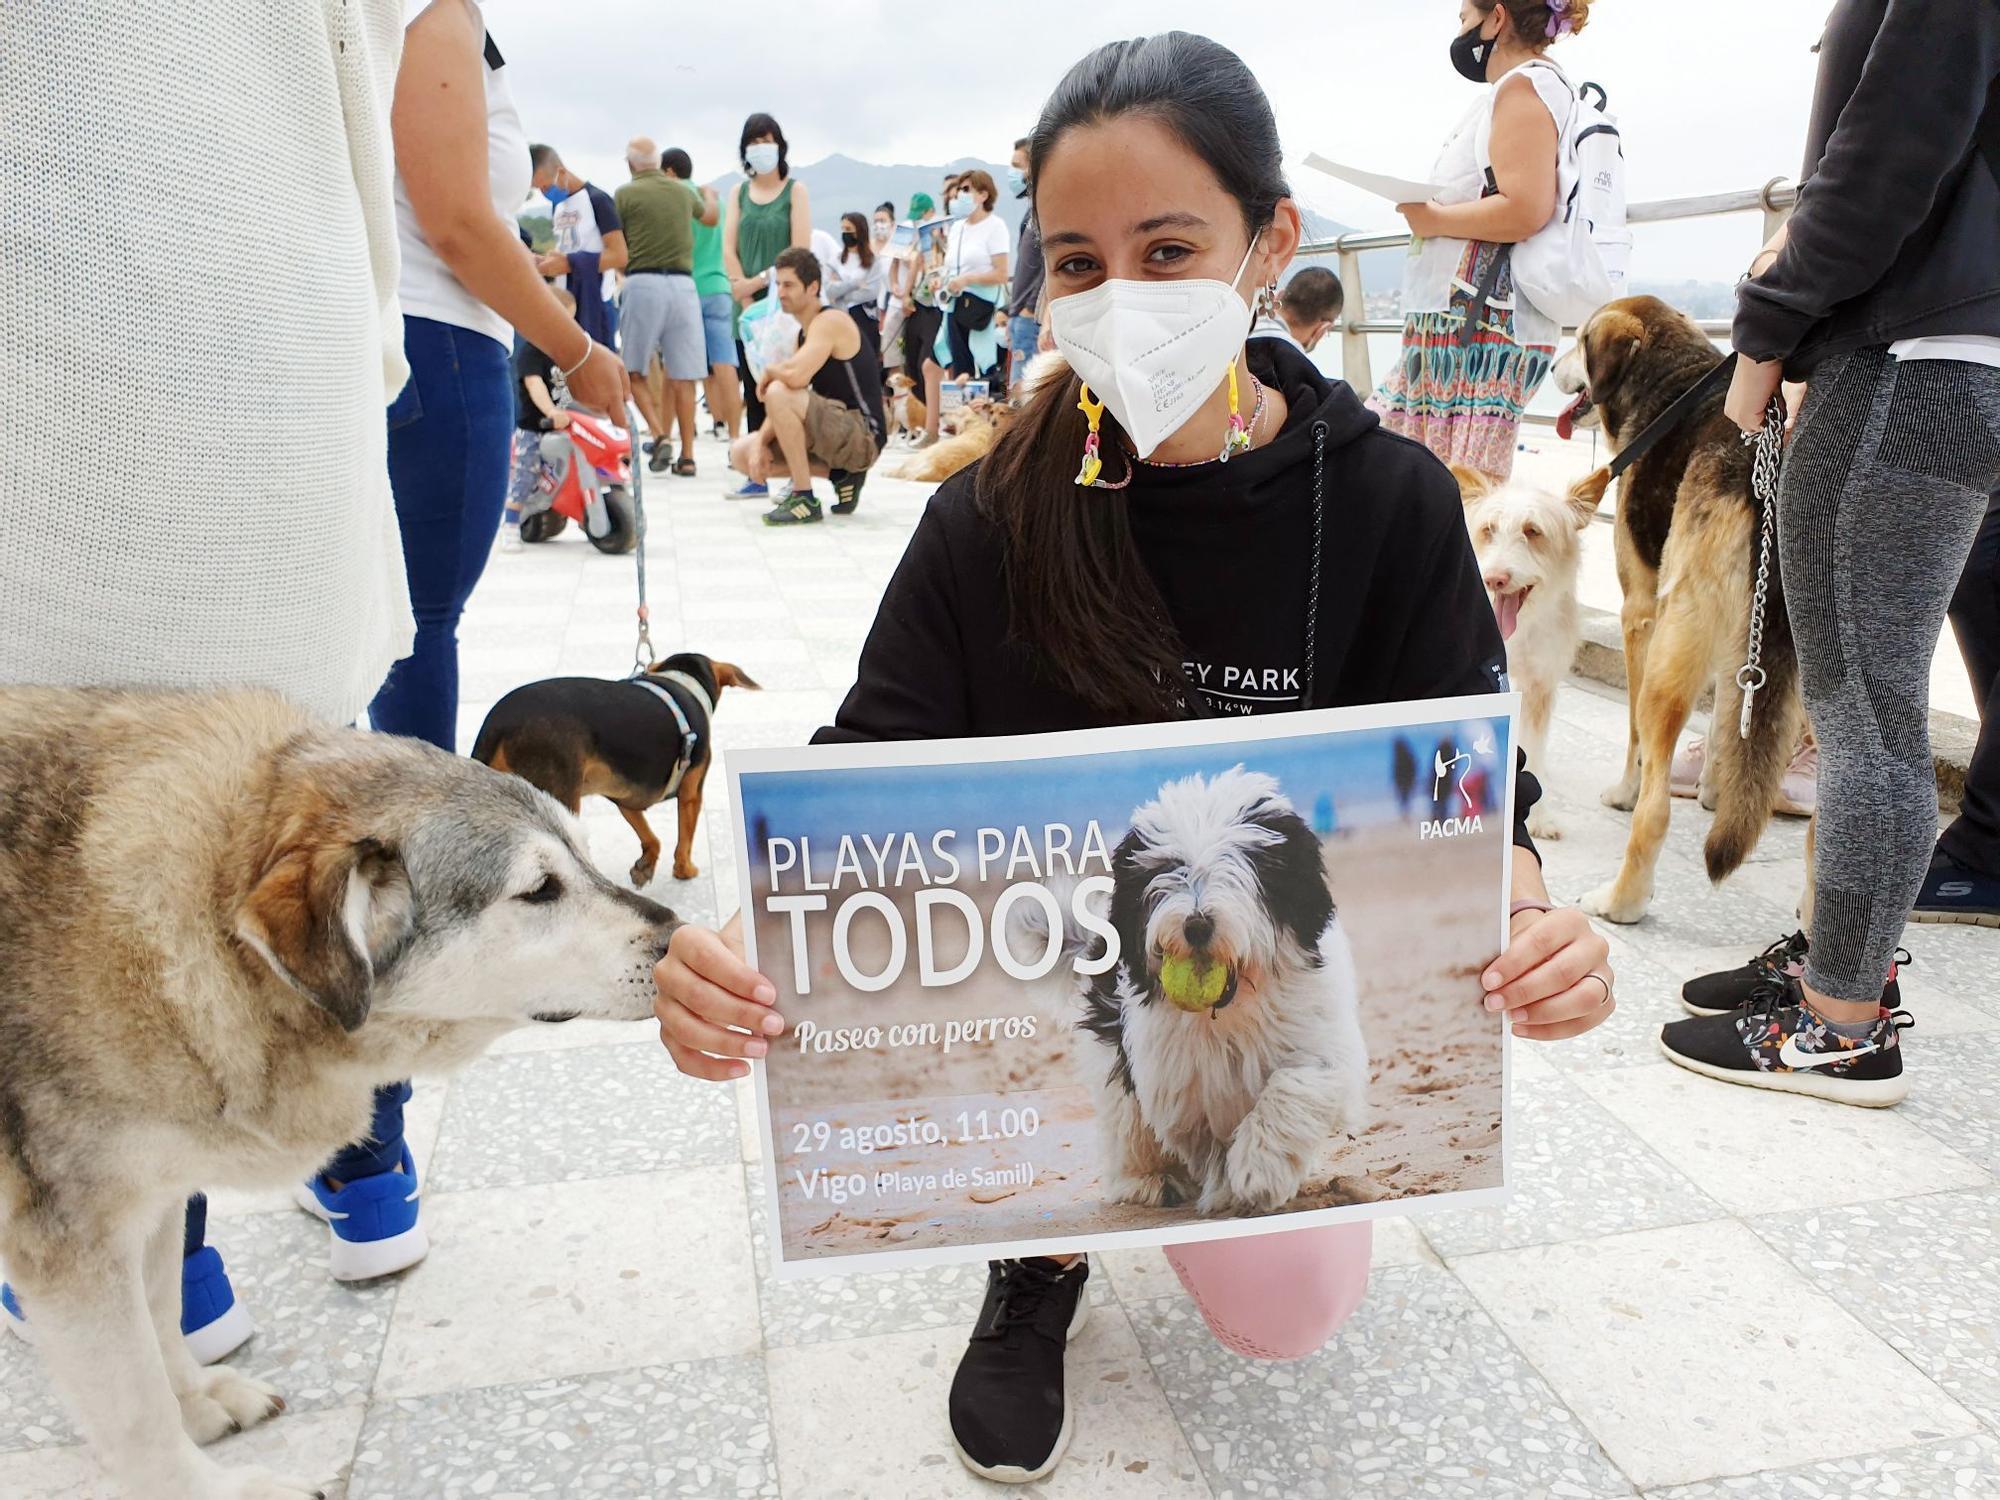 Perros y dueños, juntos en las playas: los vigueses salen a la calle